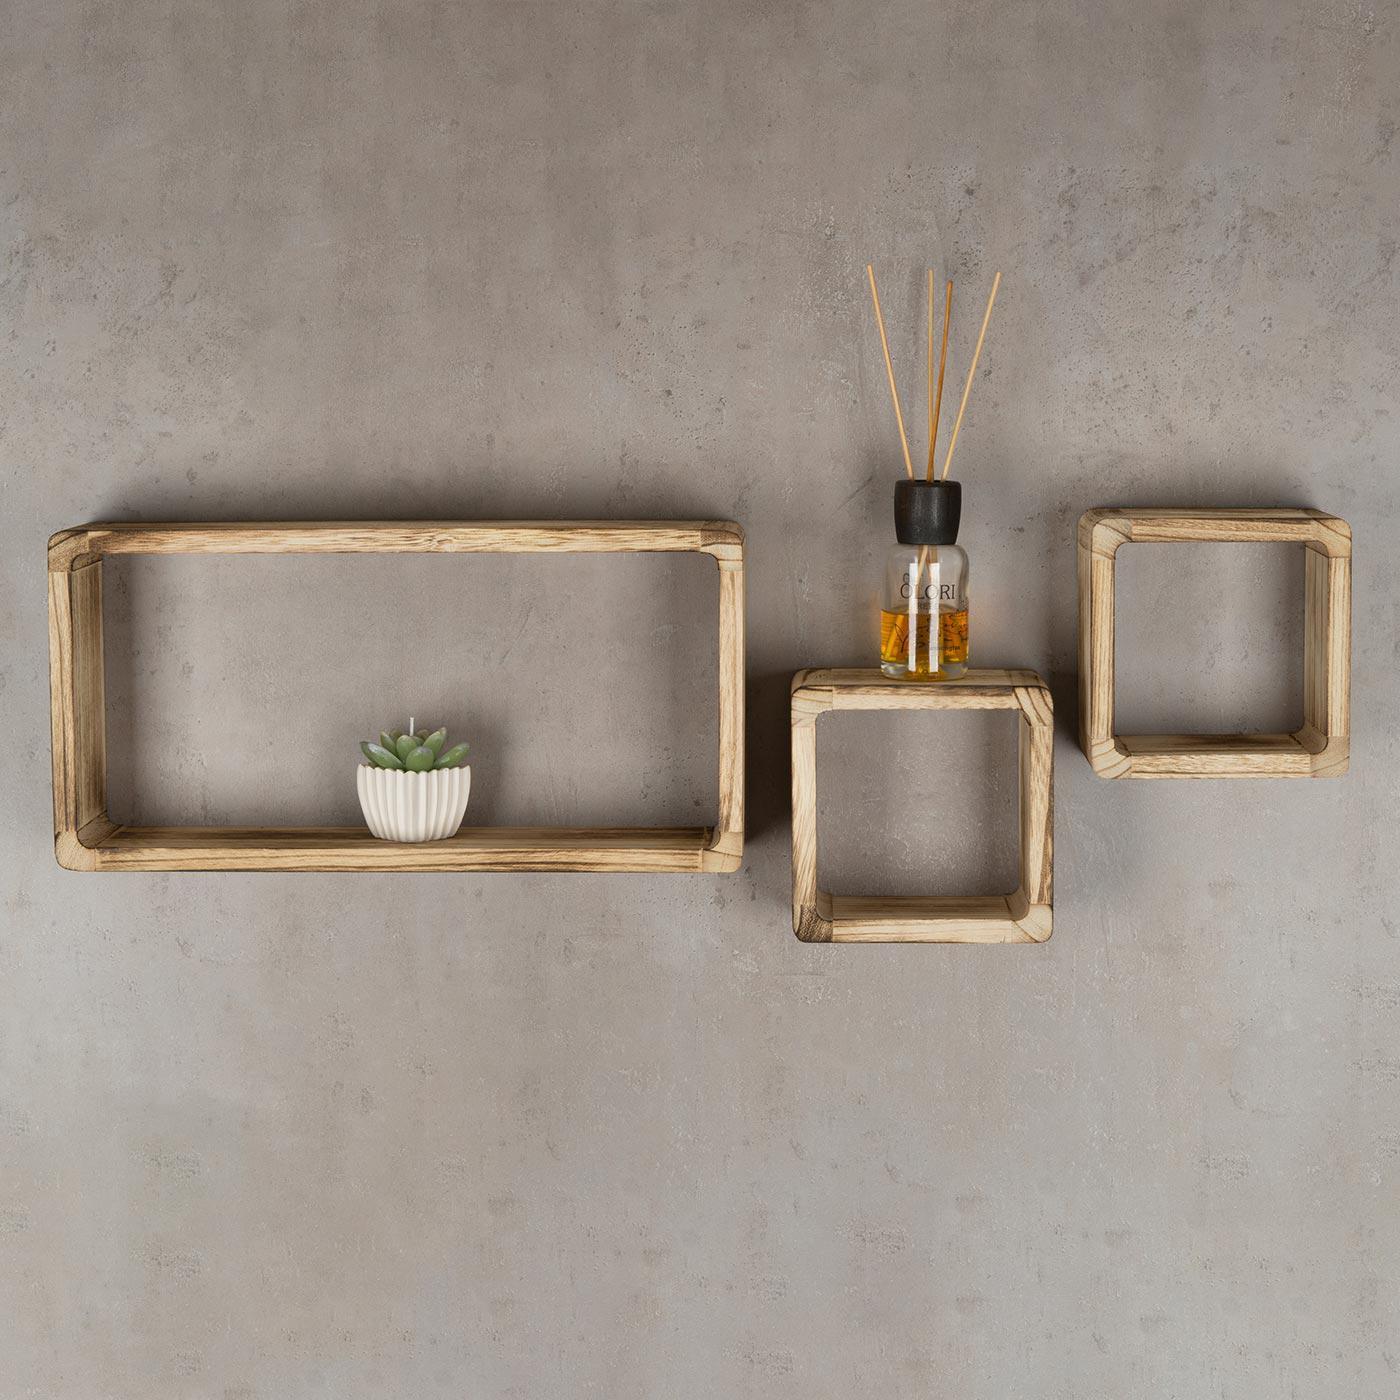 wandregal 3er set cube regal holz natur 16cm 21cm. Black Bedroom Furniture Sets. Home Design Ideas